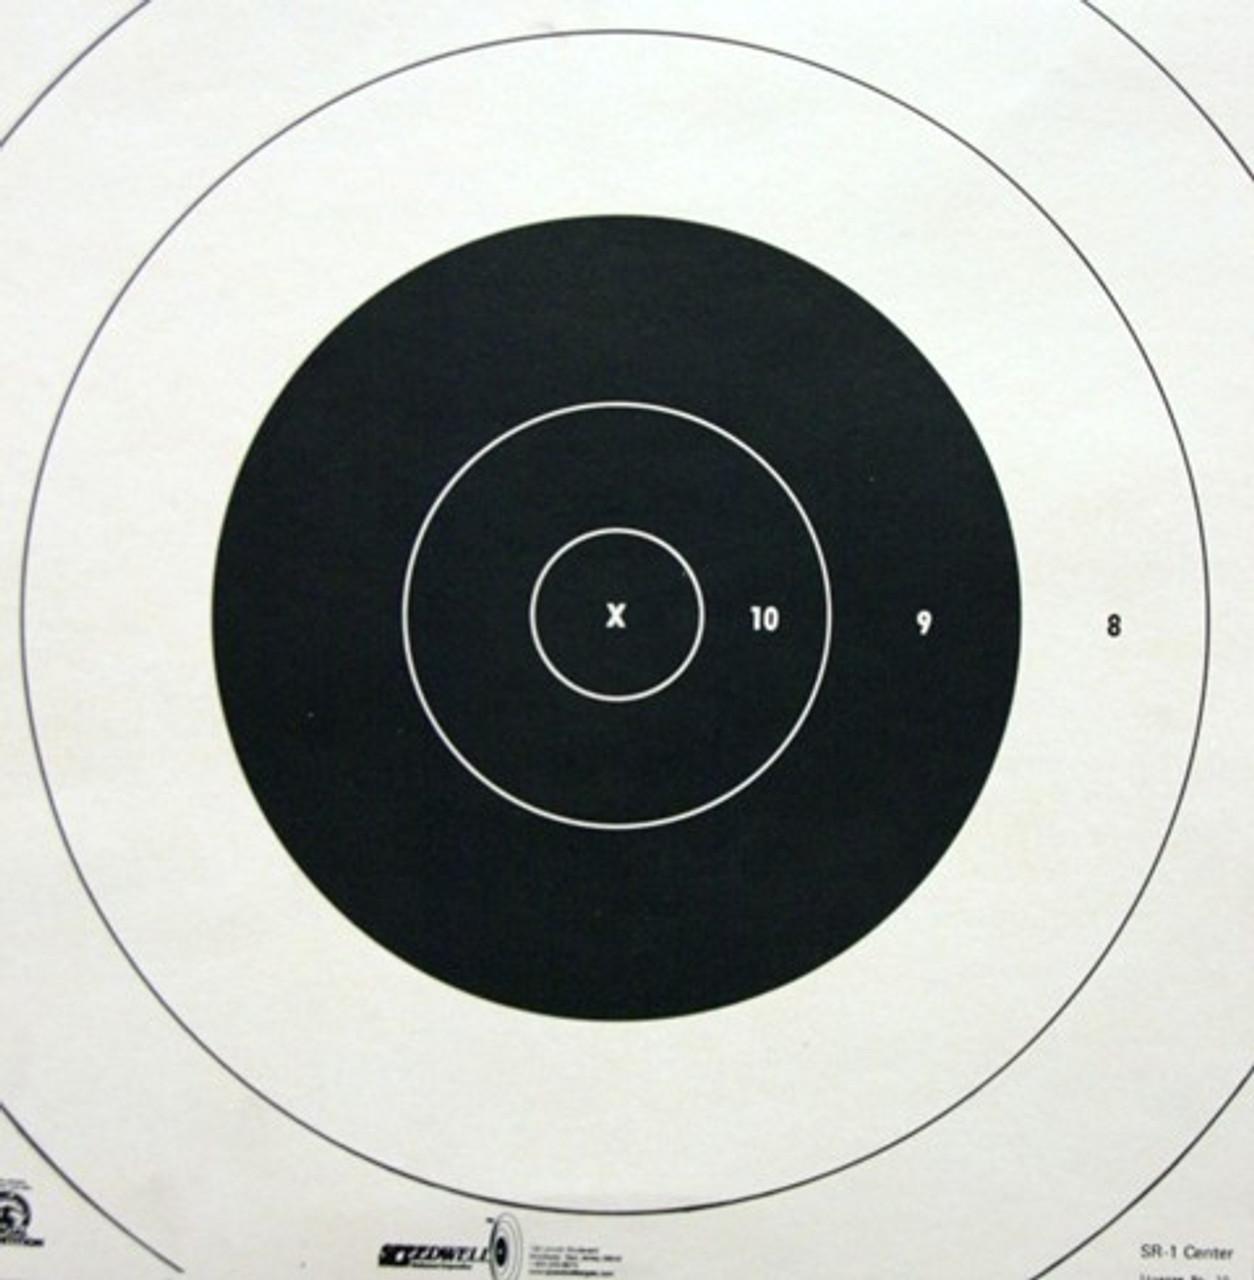 SR-1C Shooting Target